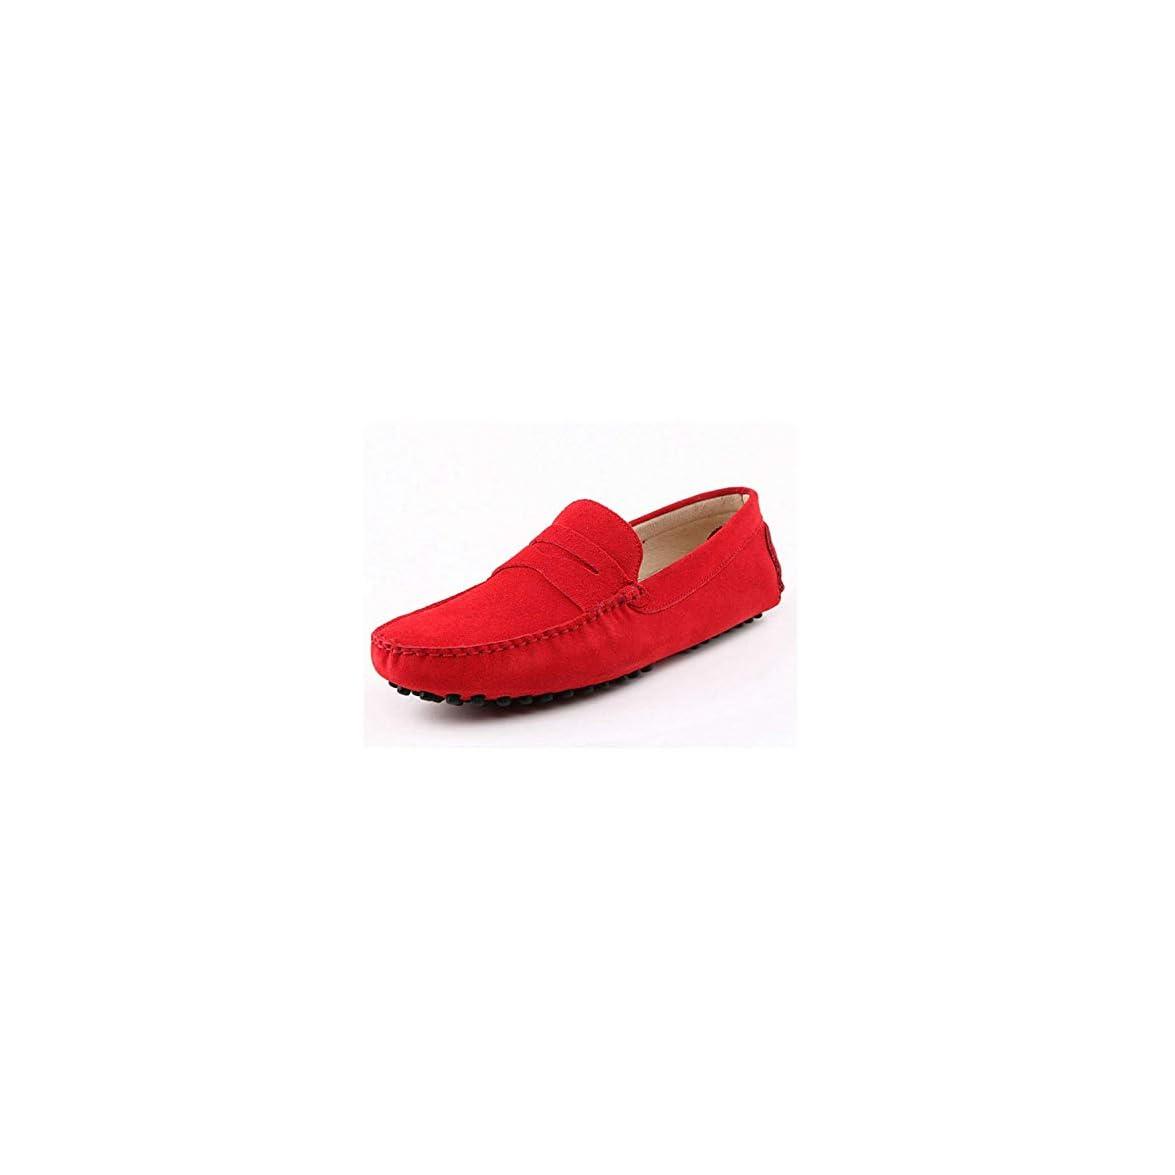 Uomo Rosso Striscia Barca Scarpe Mocassino Scamosciato Caldo Casual - Qiusa Comoda Da 6 5 Dimensione colore - Mocassini Uk